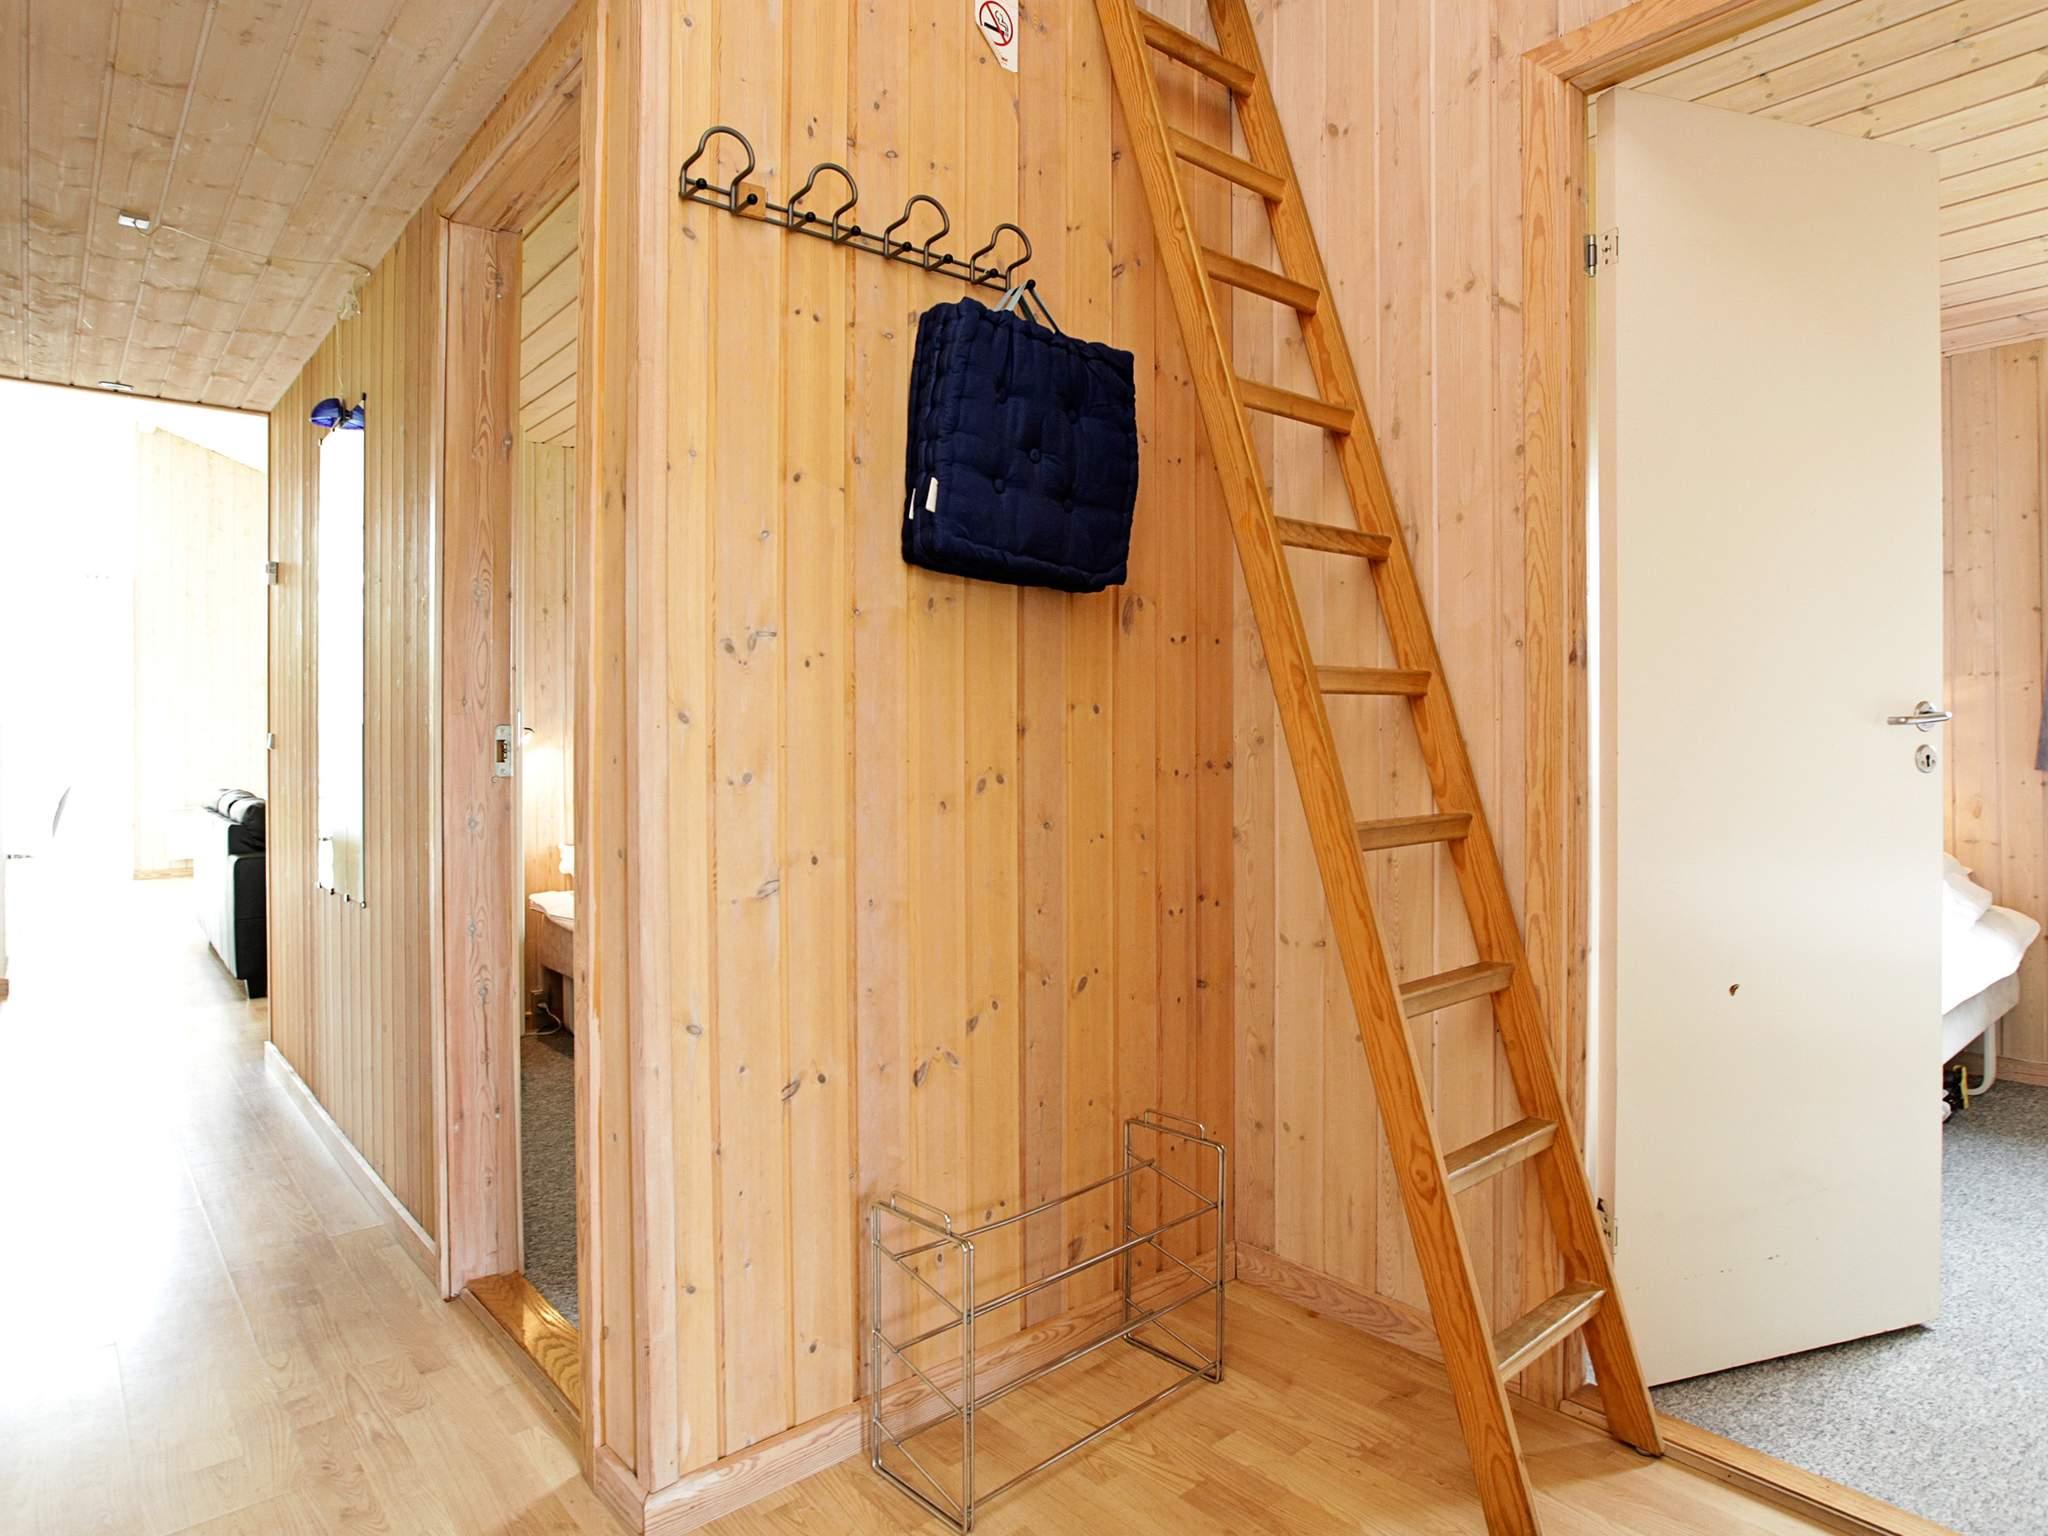 Ferienhaus Marielyst (82830), Marielyst, , Falster, Dänemark, Bild 11